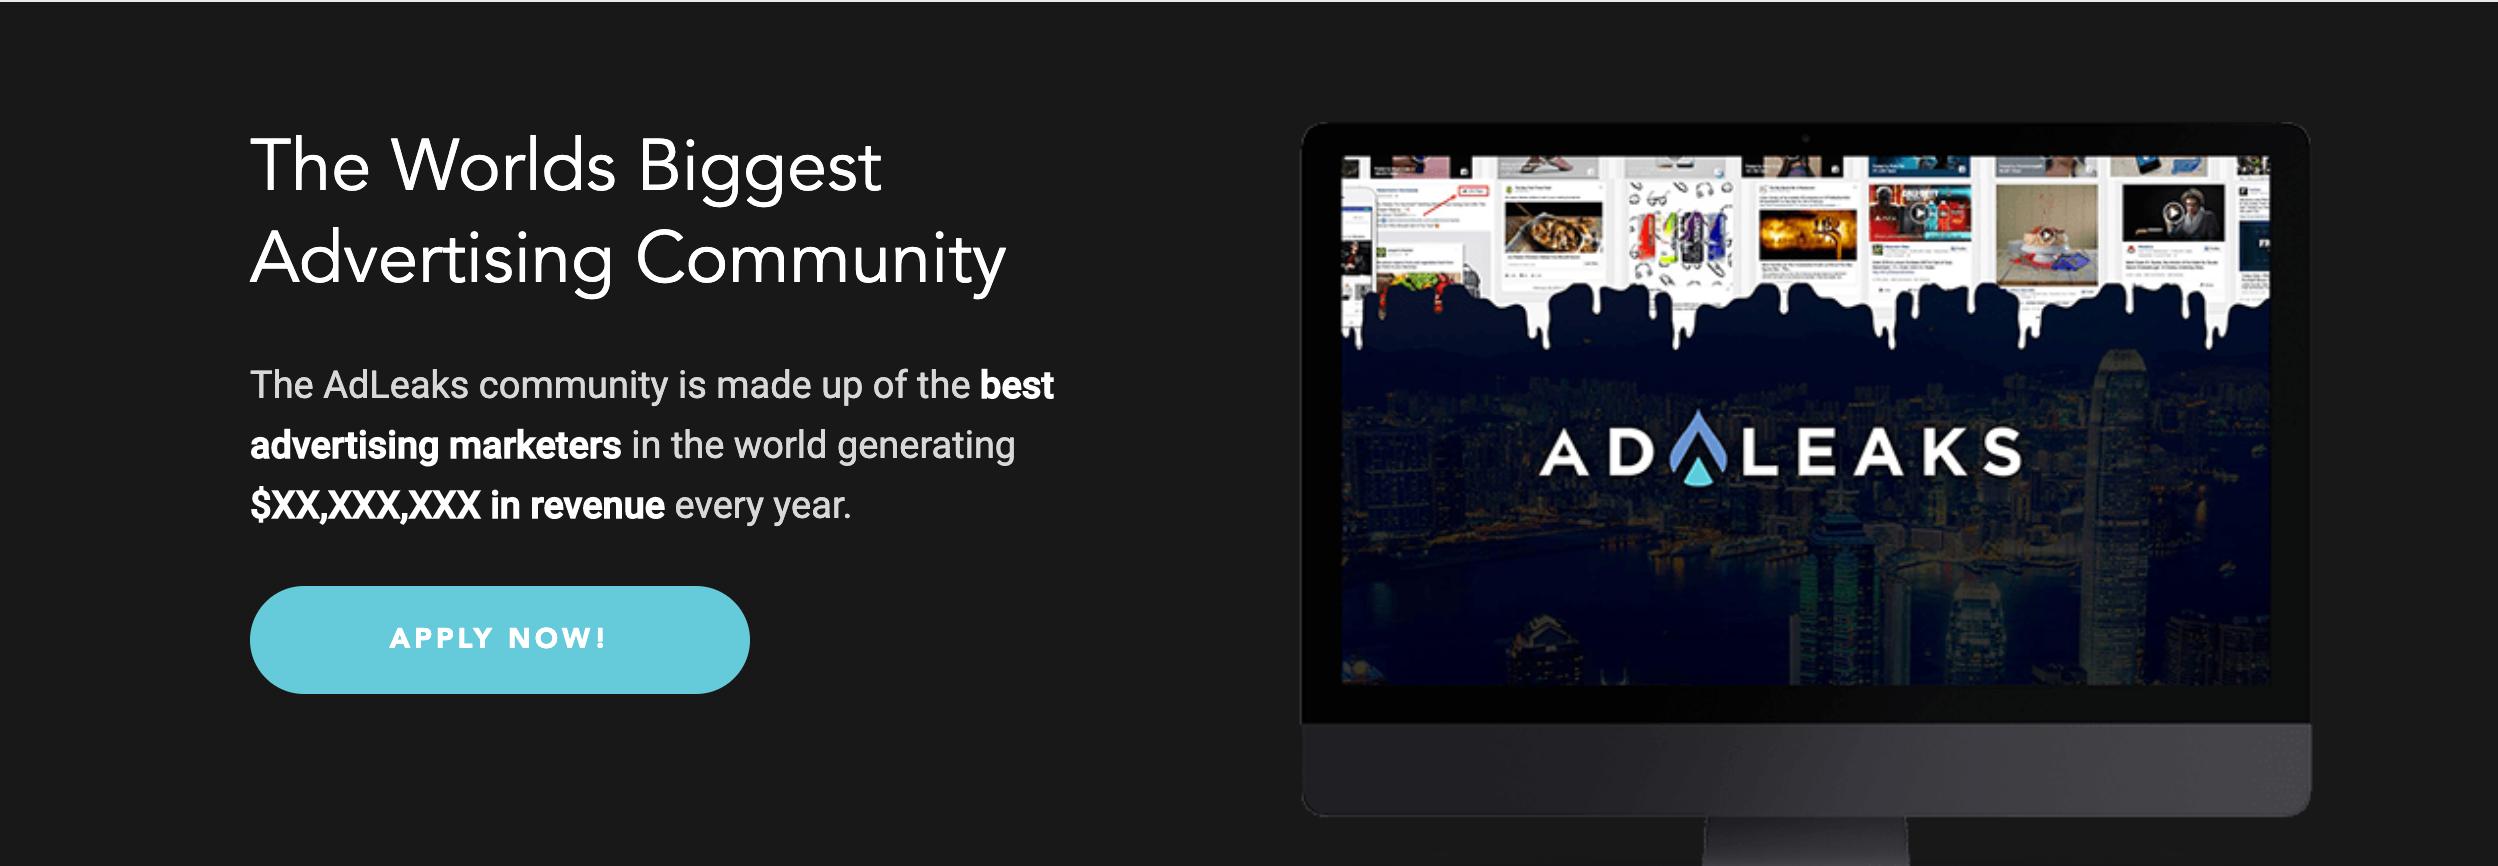 AdLeaks- World's Biggest Community